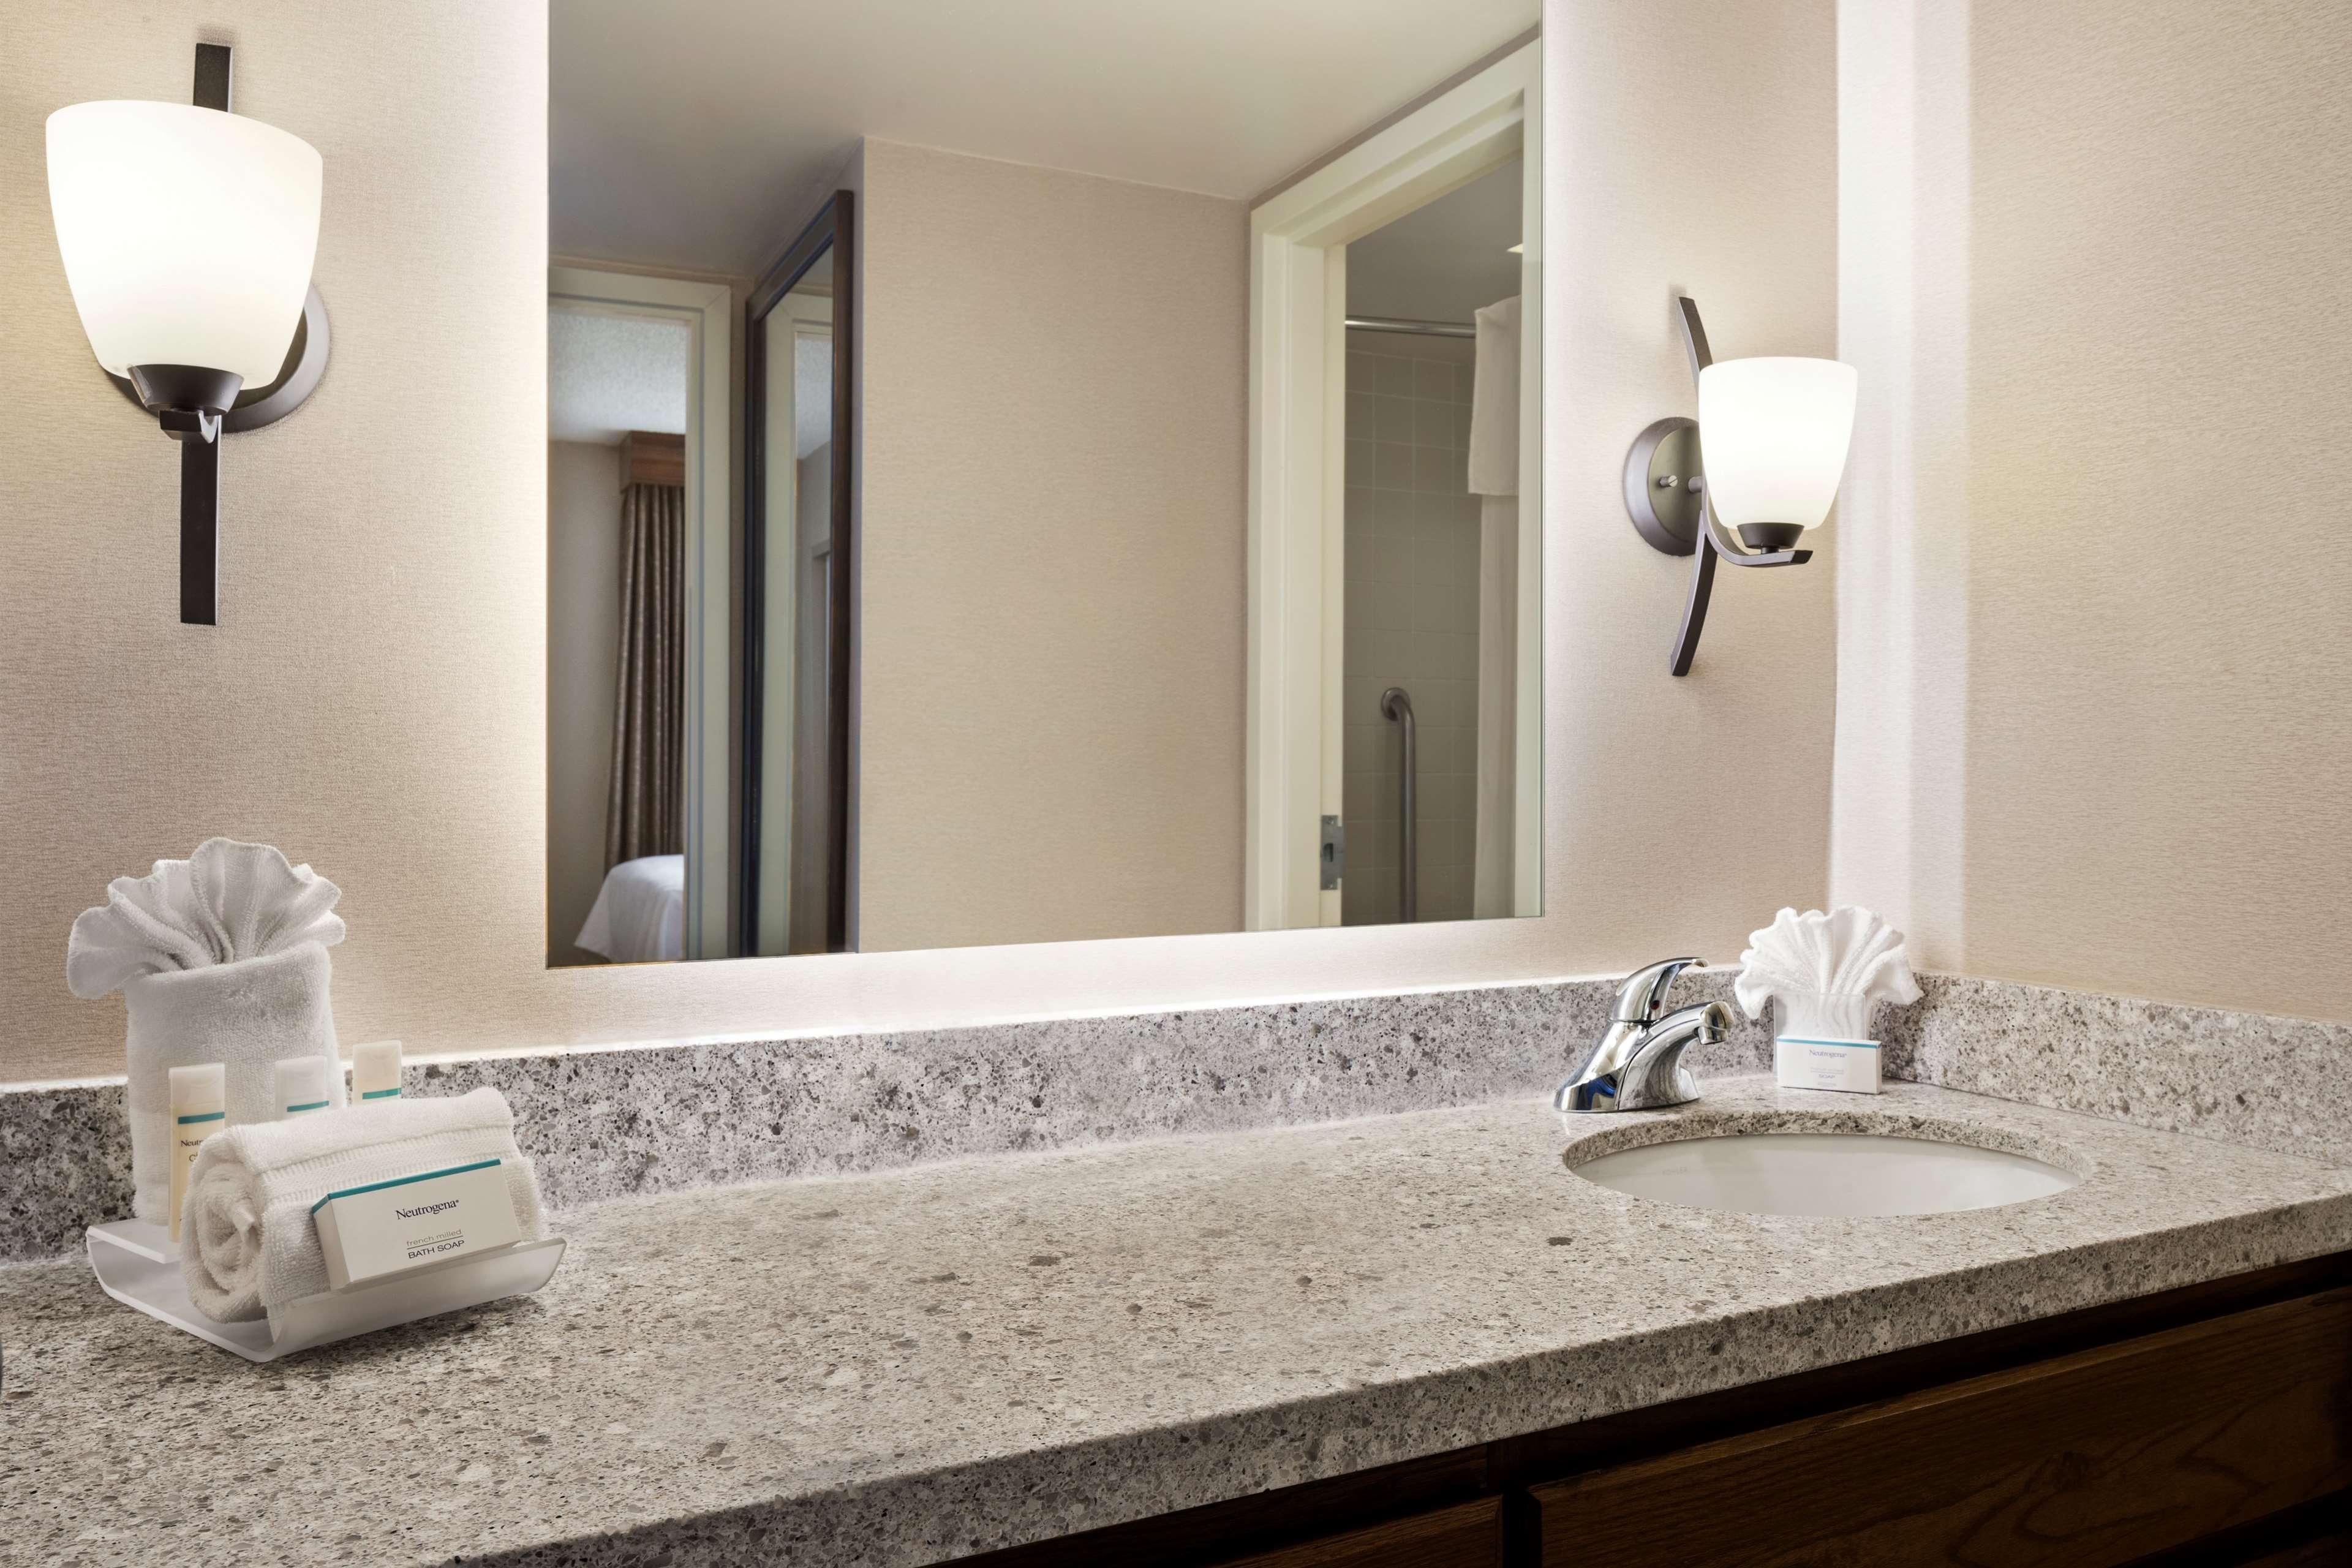 Homewood Suites by Hilton - Boulder image 26